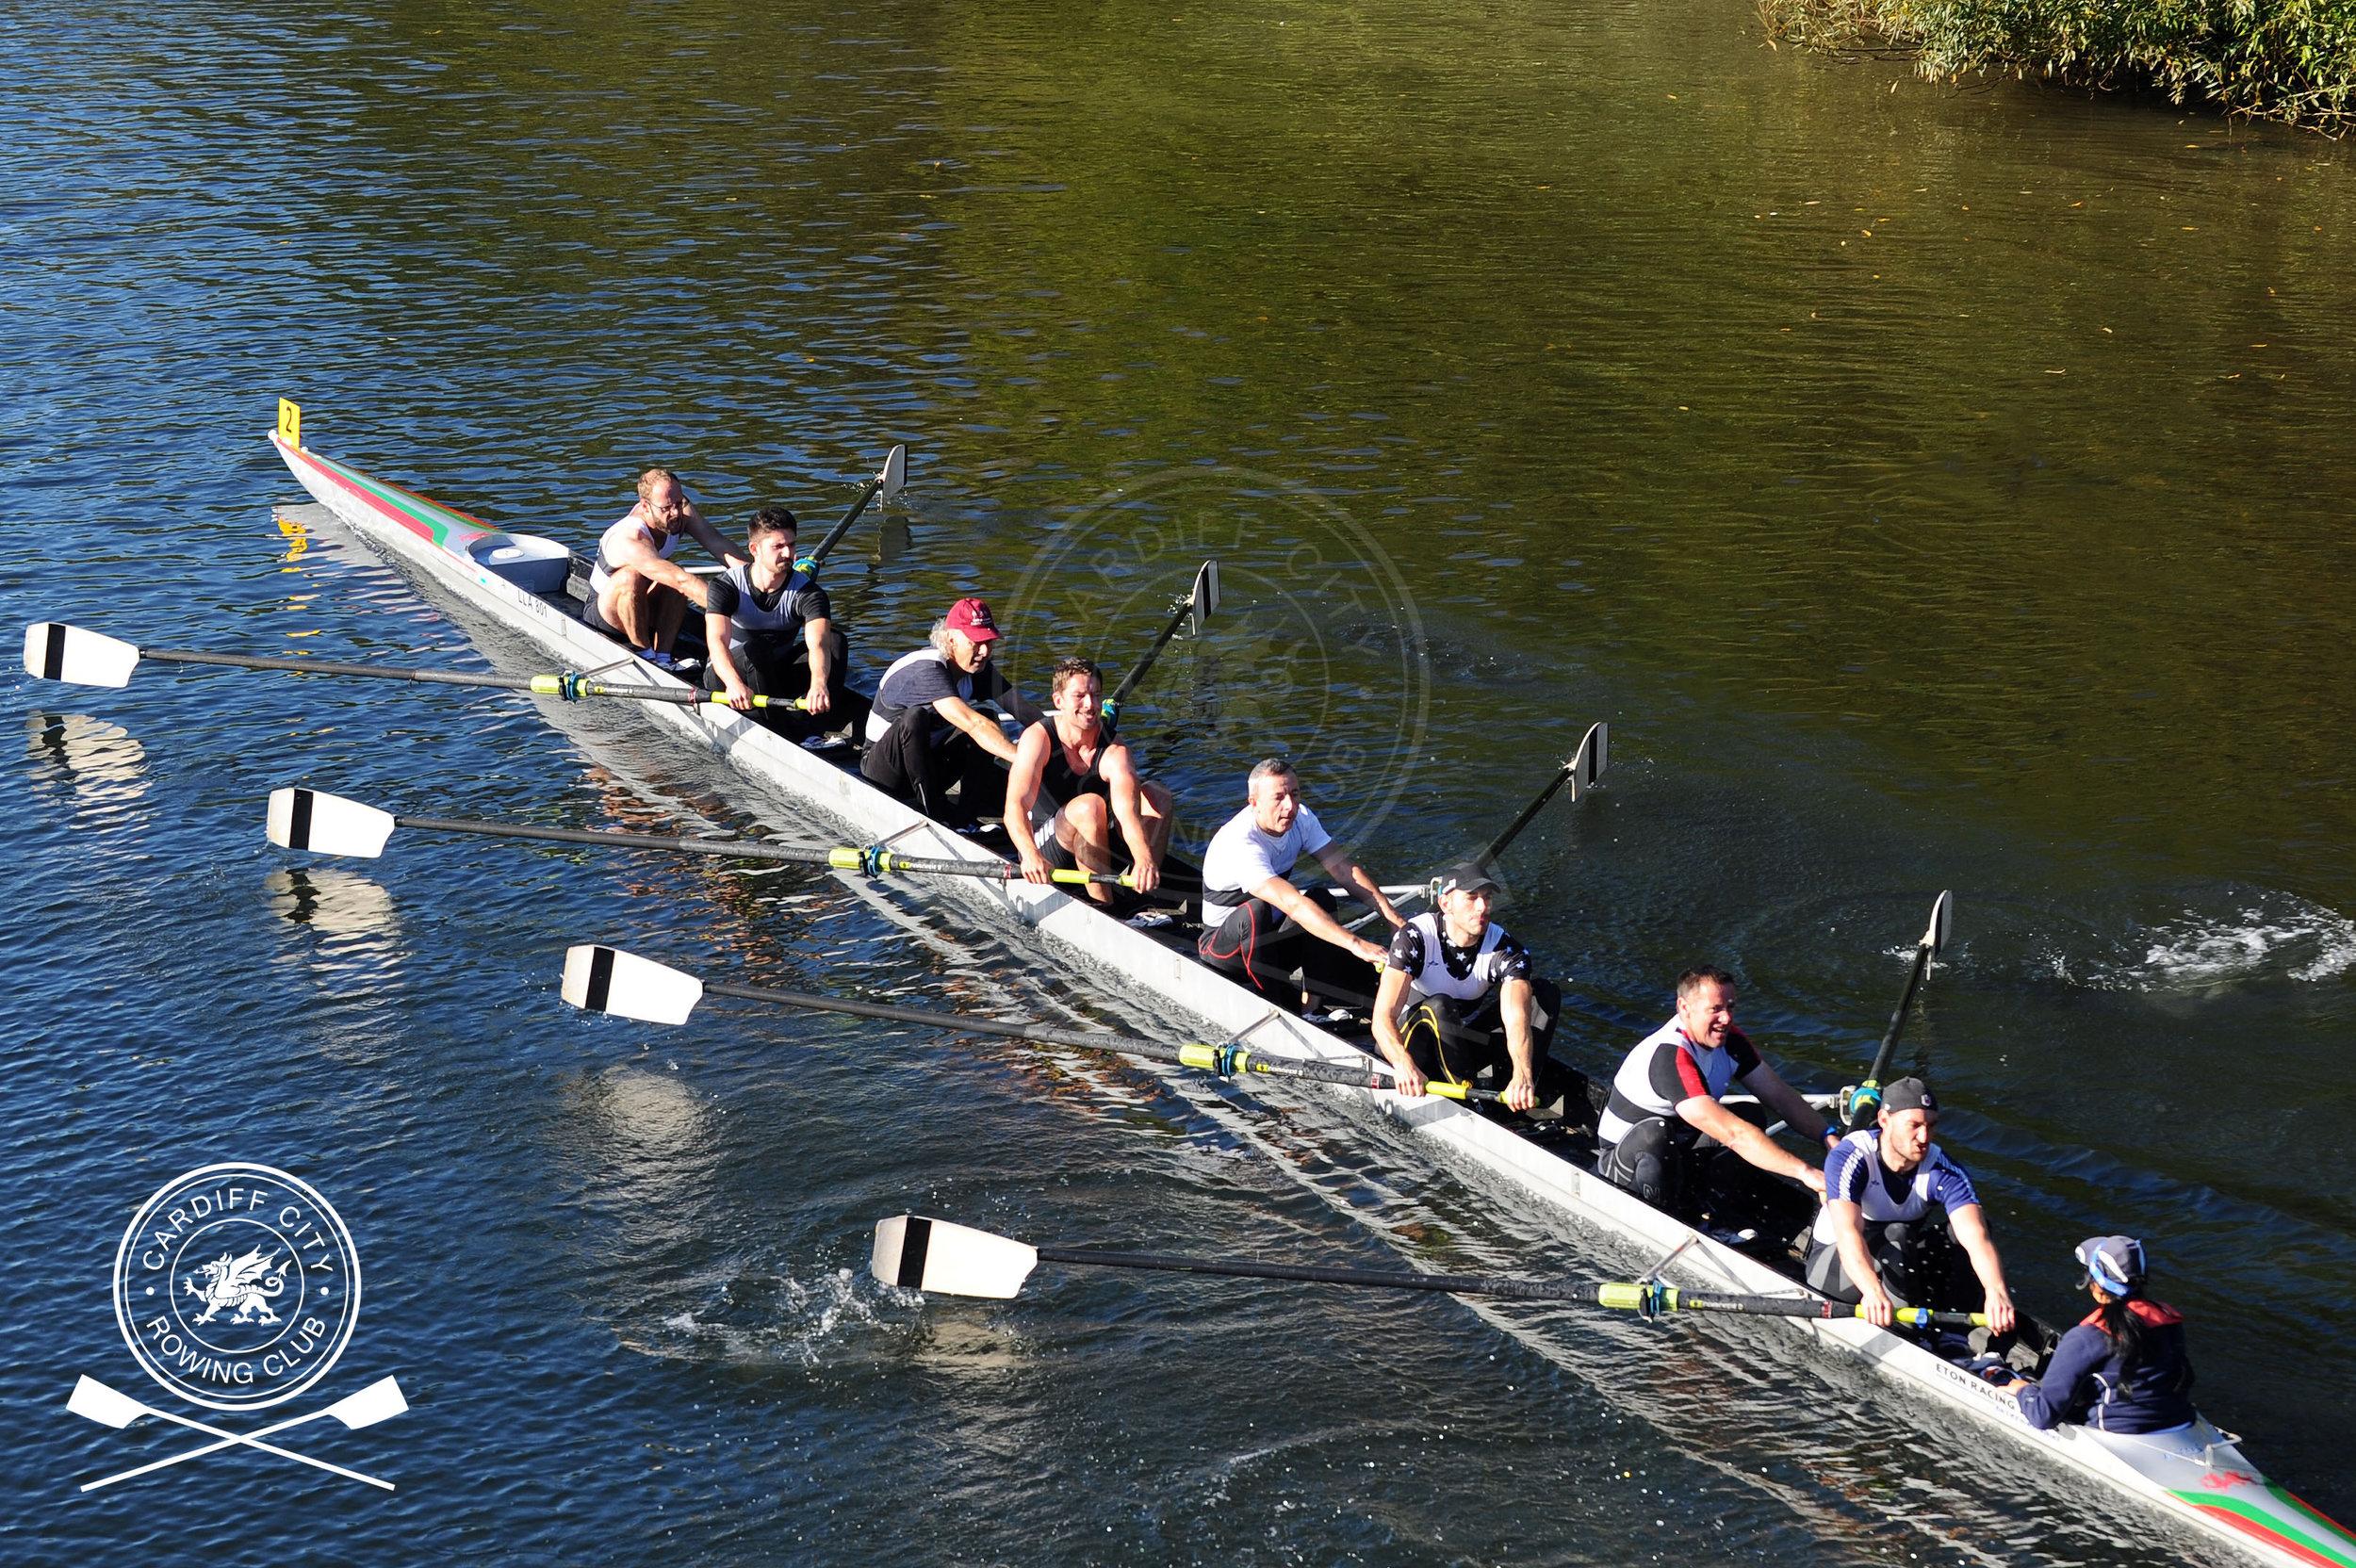 Cardiff_City_Head_Race_11.jpg